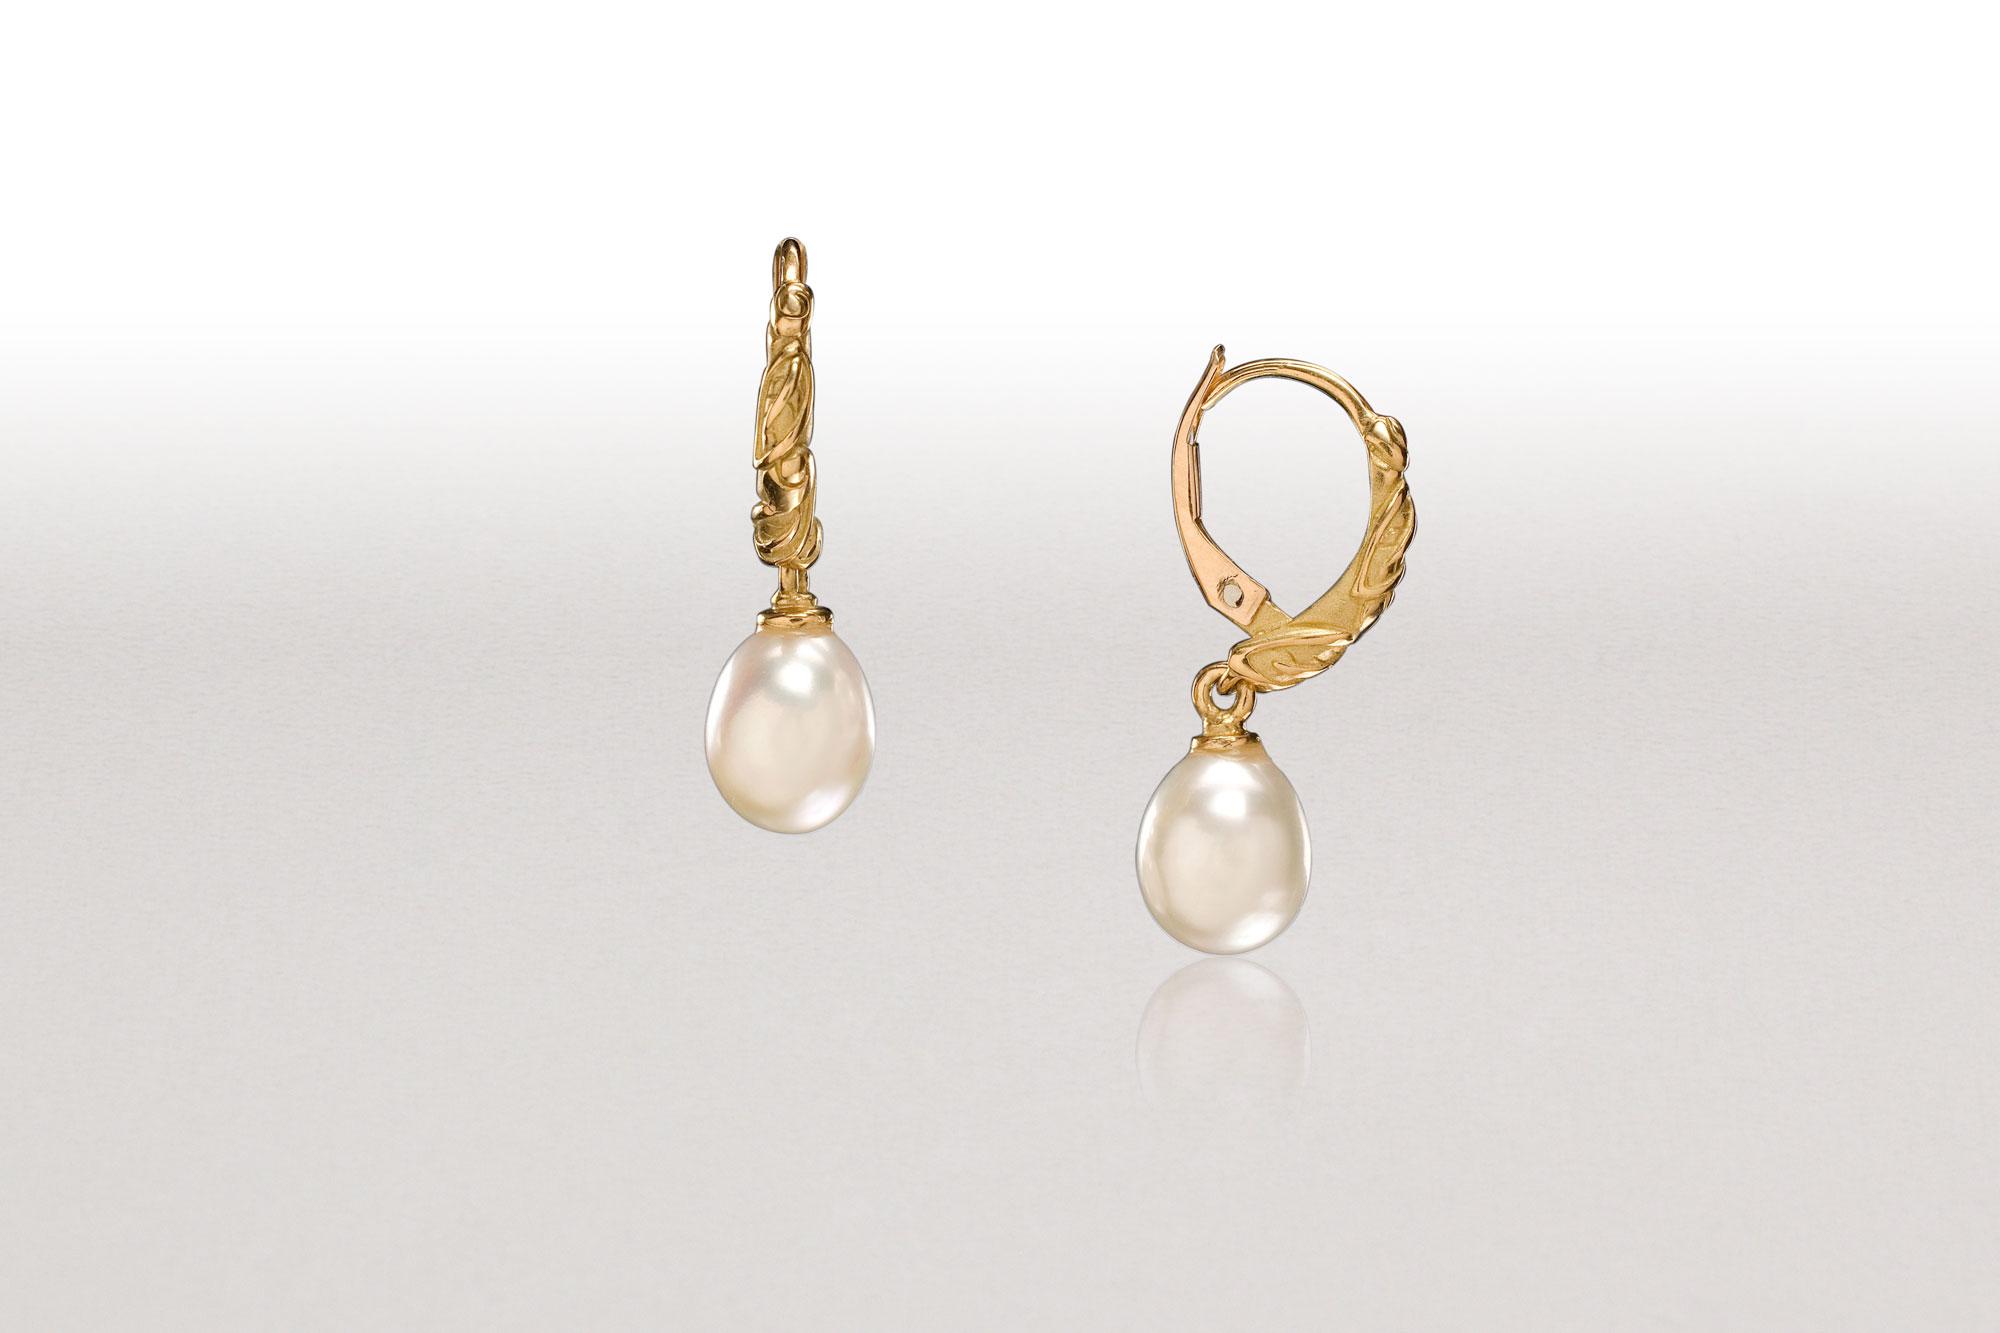 White Pearl LEAF Hoop Earrings